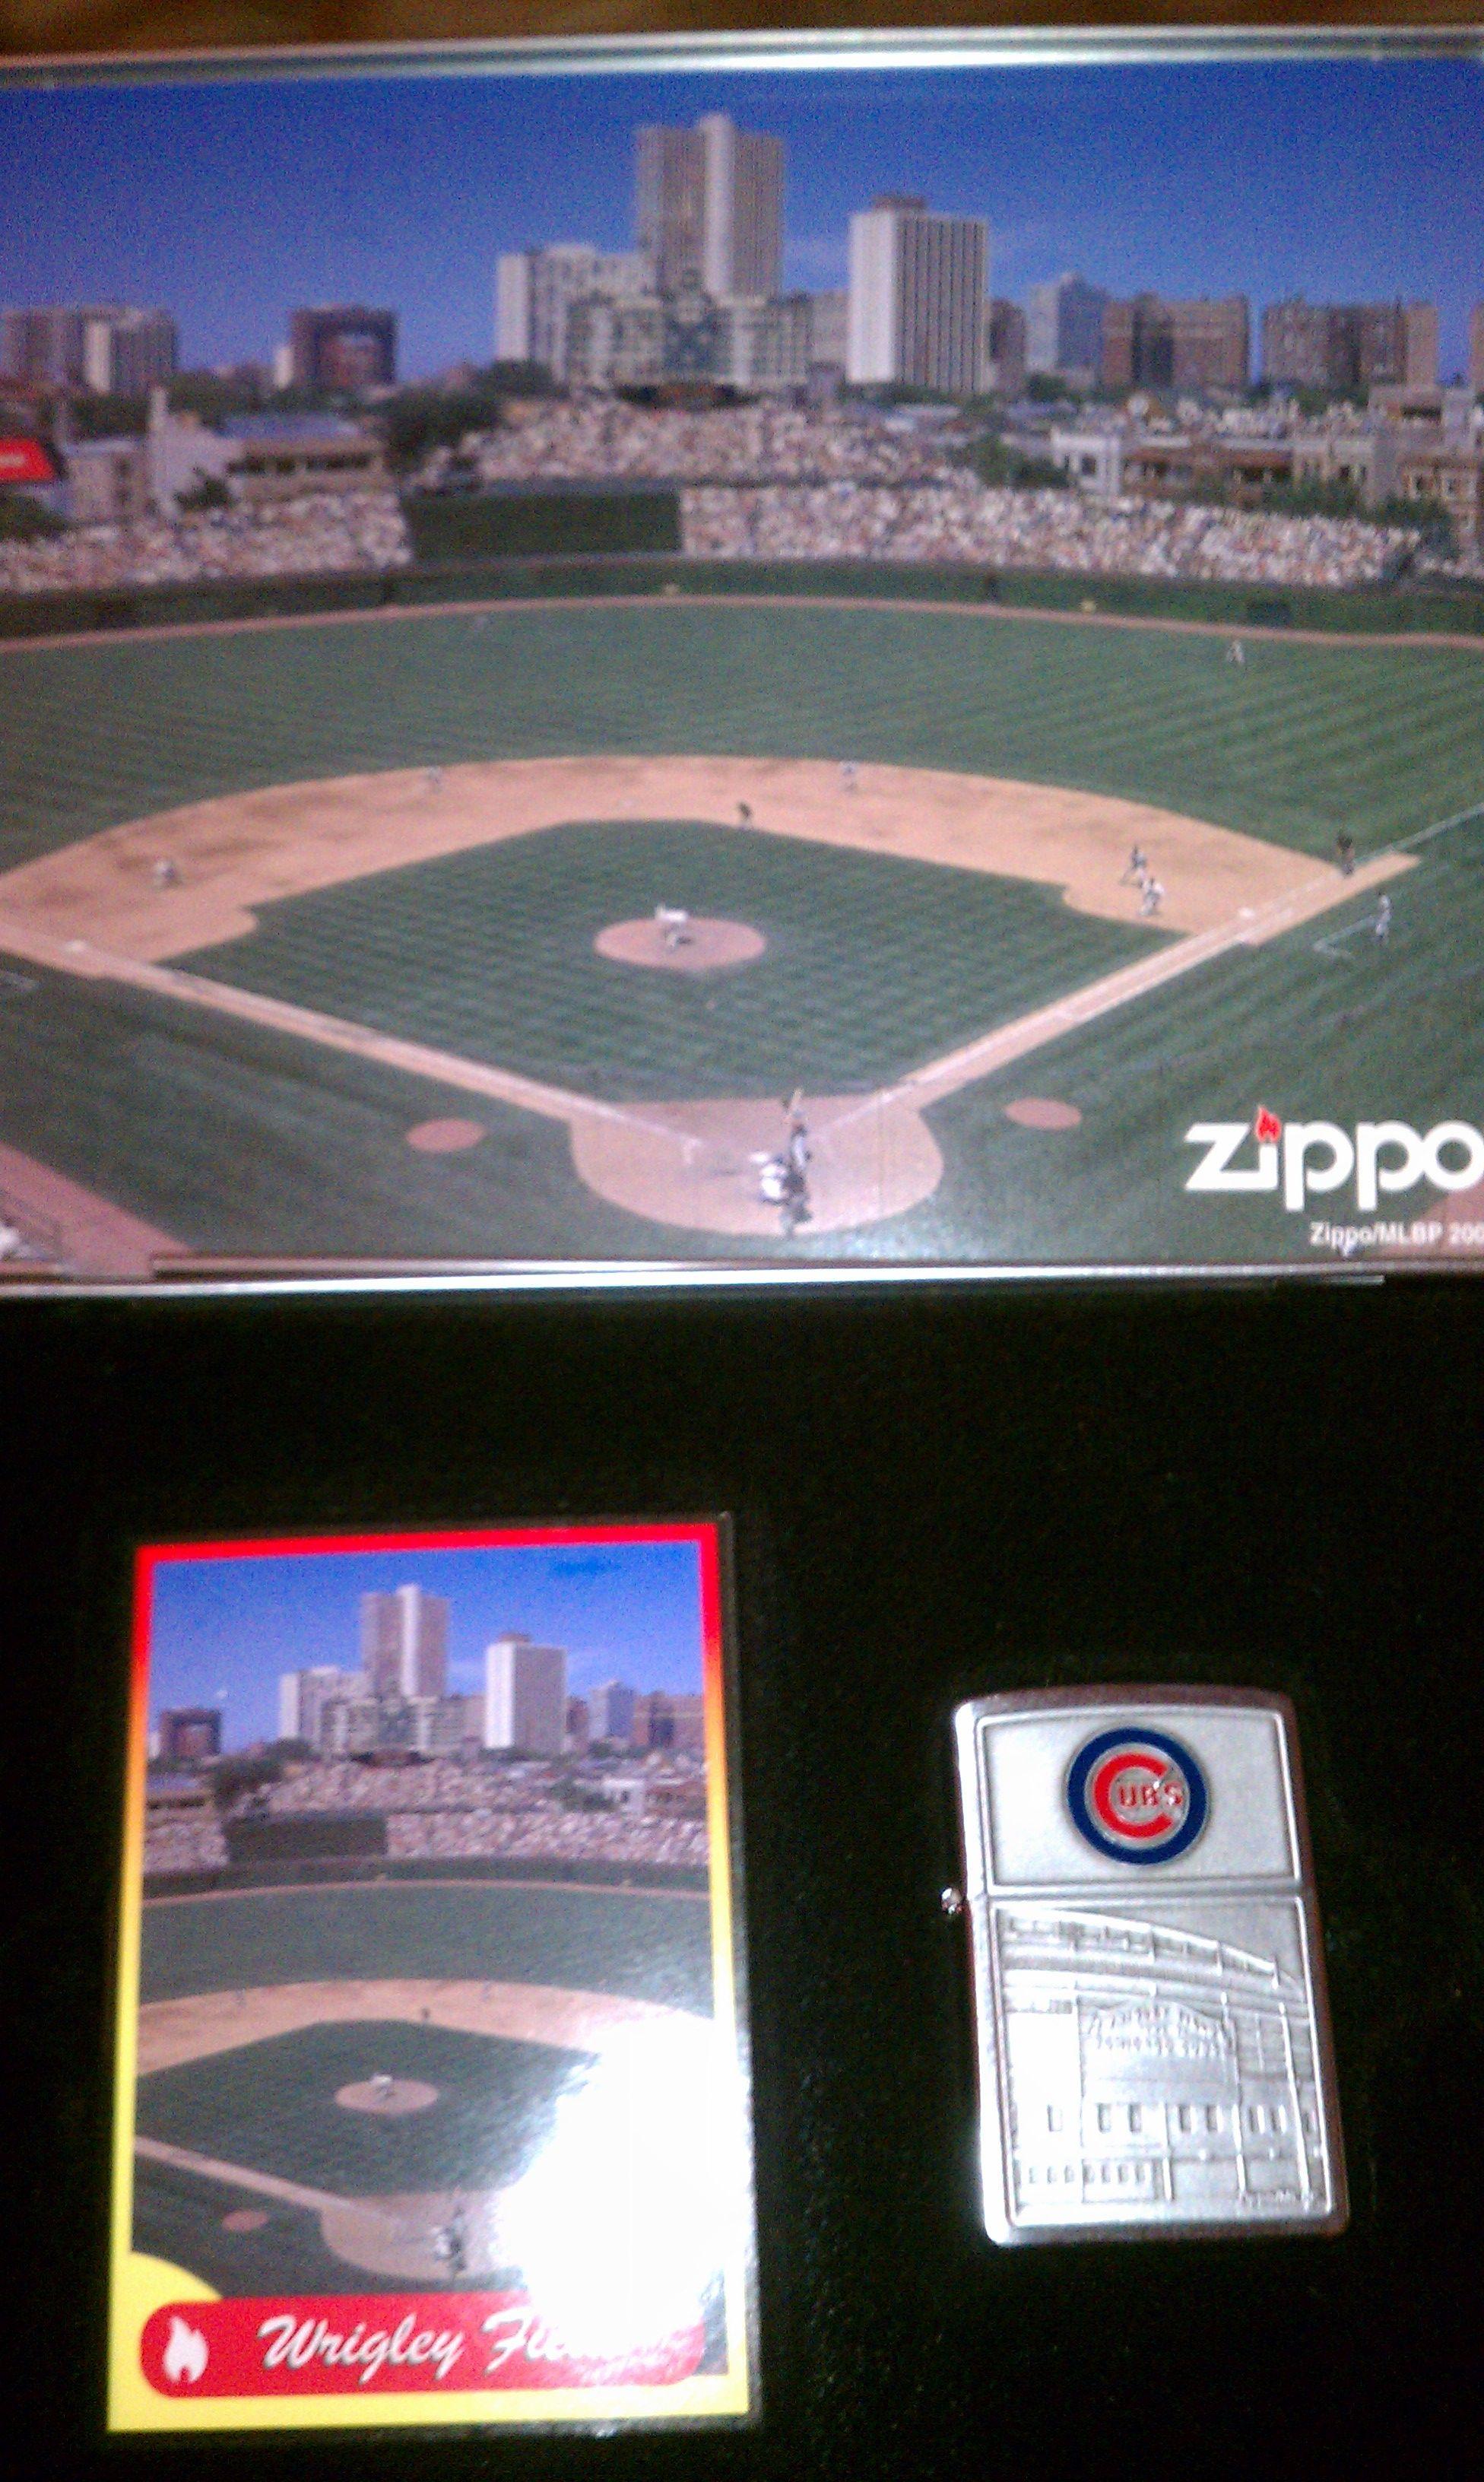 Cubs Zippo Major League Baseball Baseball Team Baseball Field